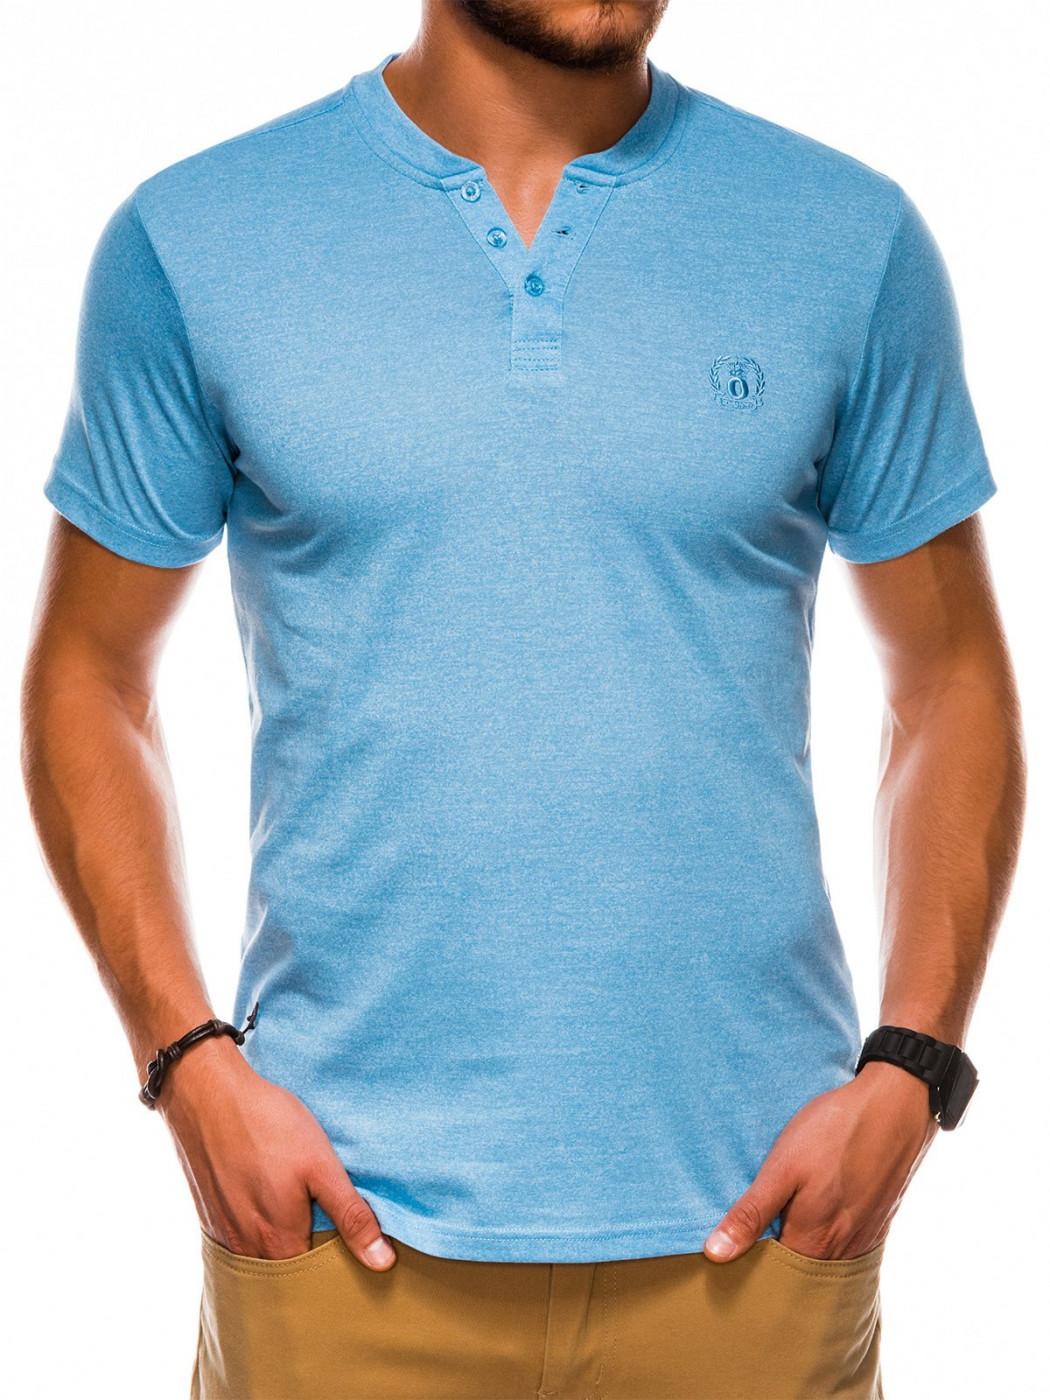 Ombre Clothing Men's plain t-shirt S1047